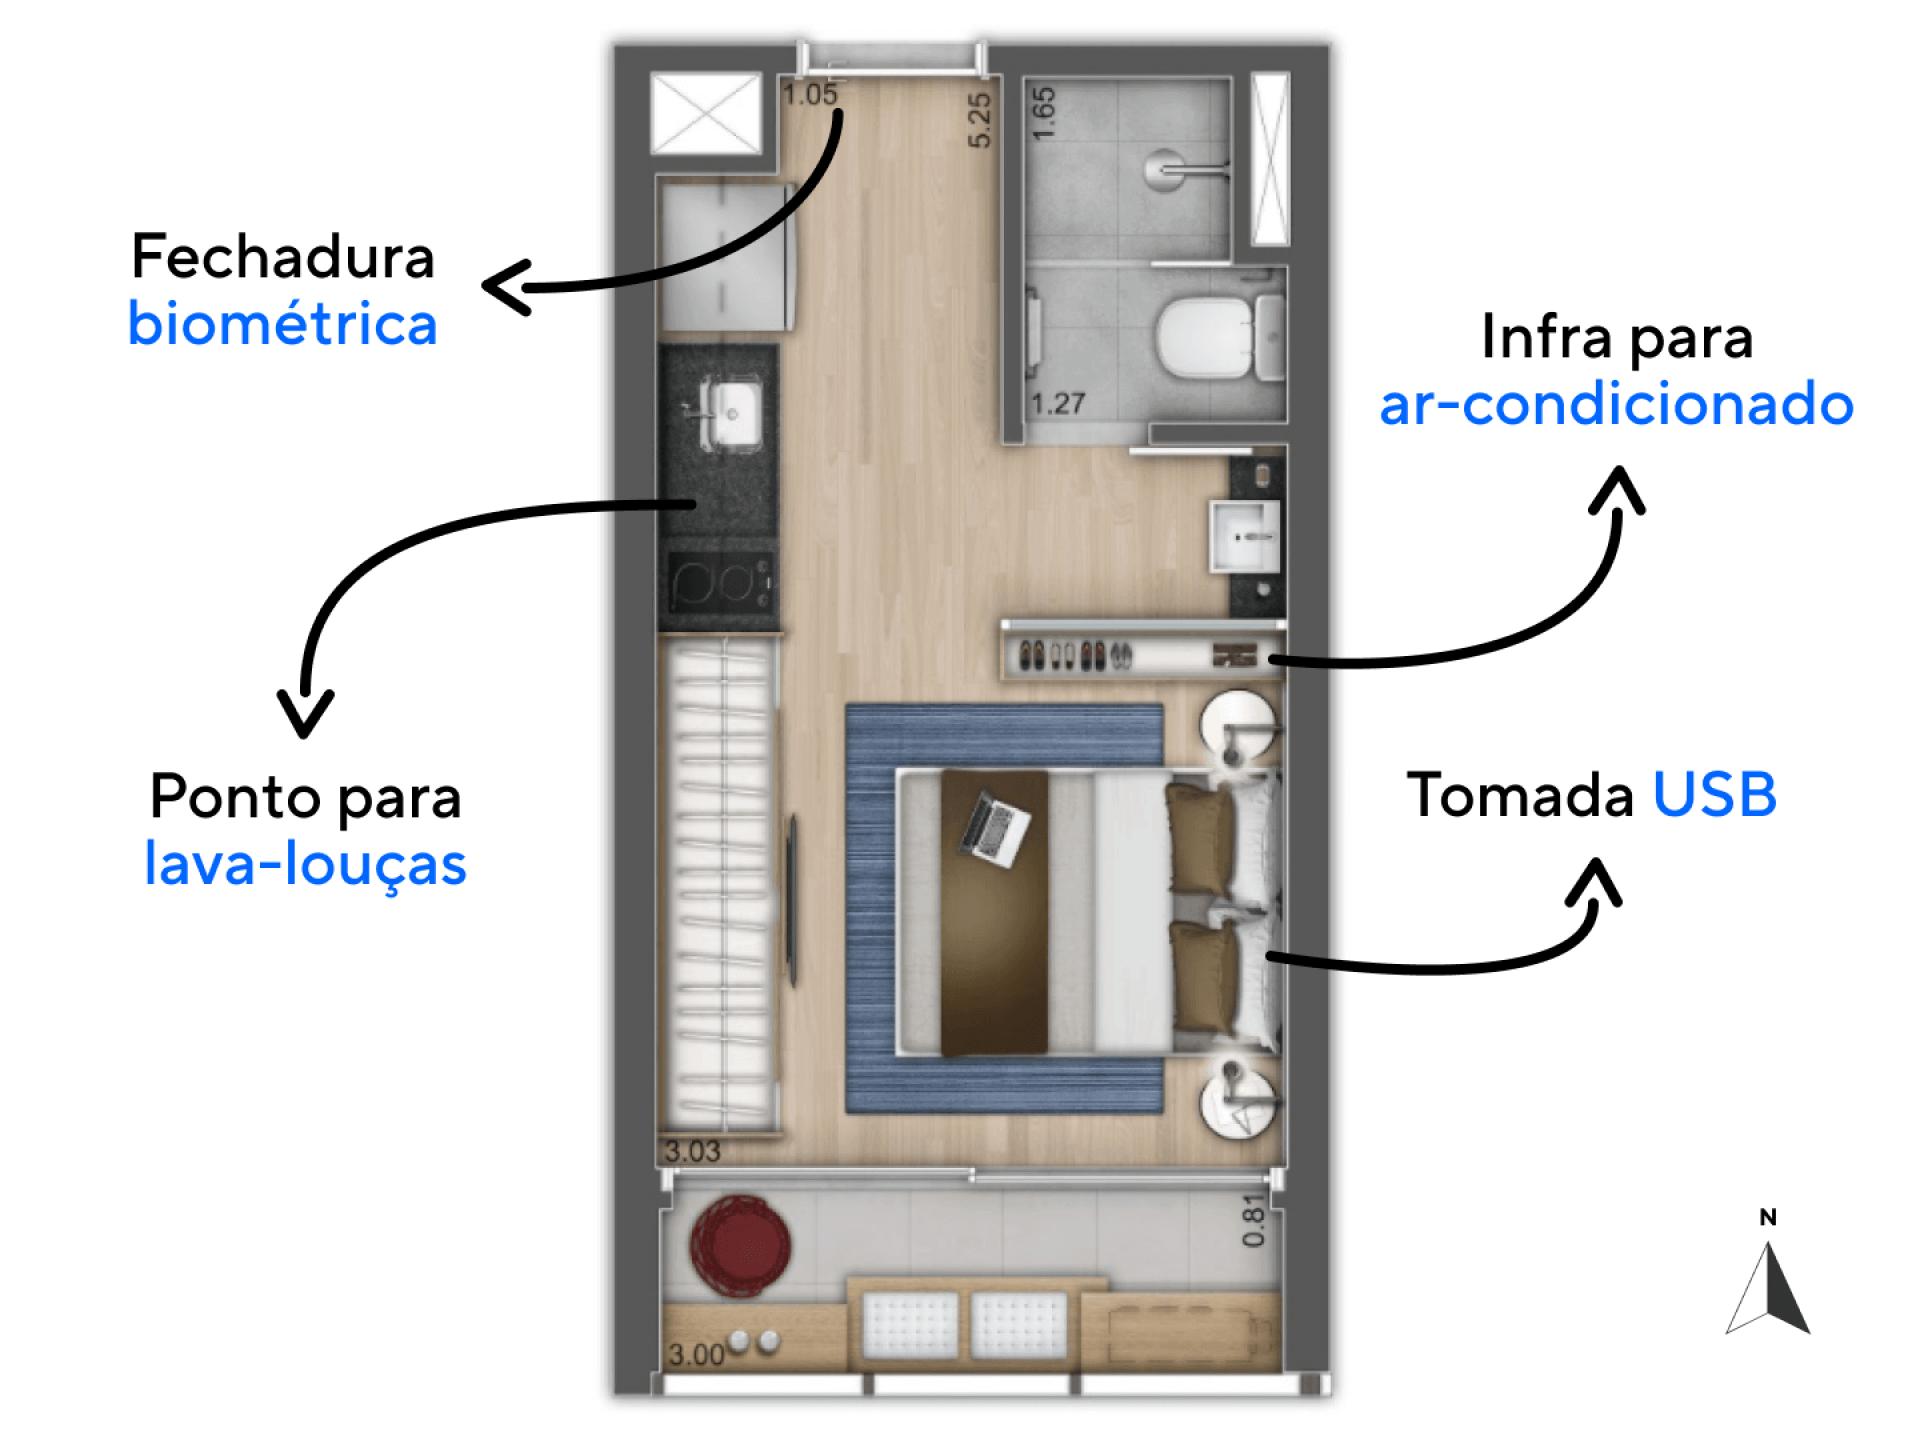 42 m2 com 1 vaga